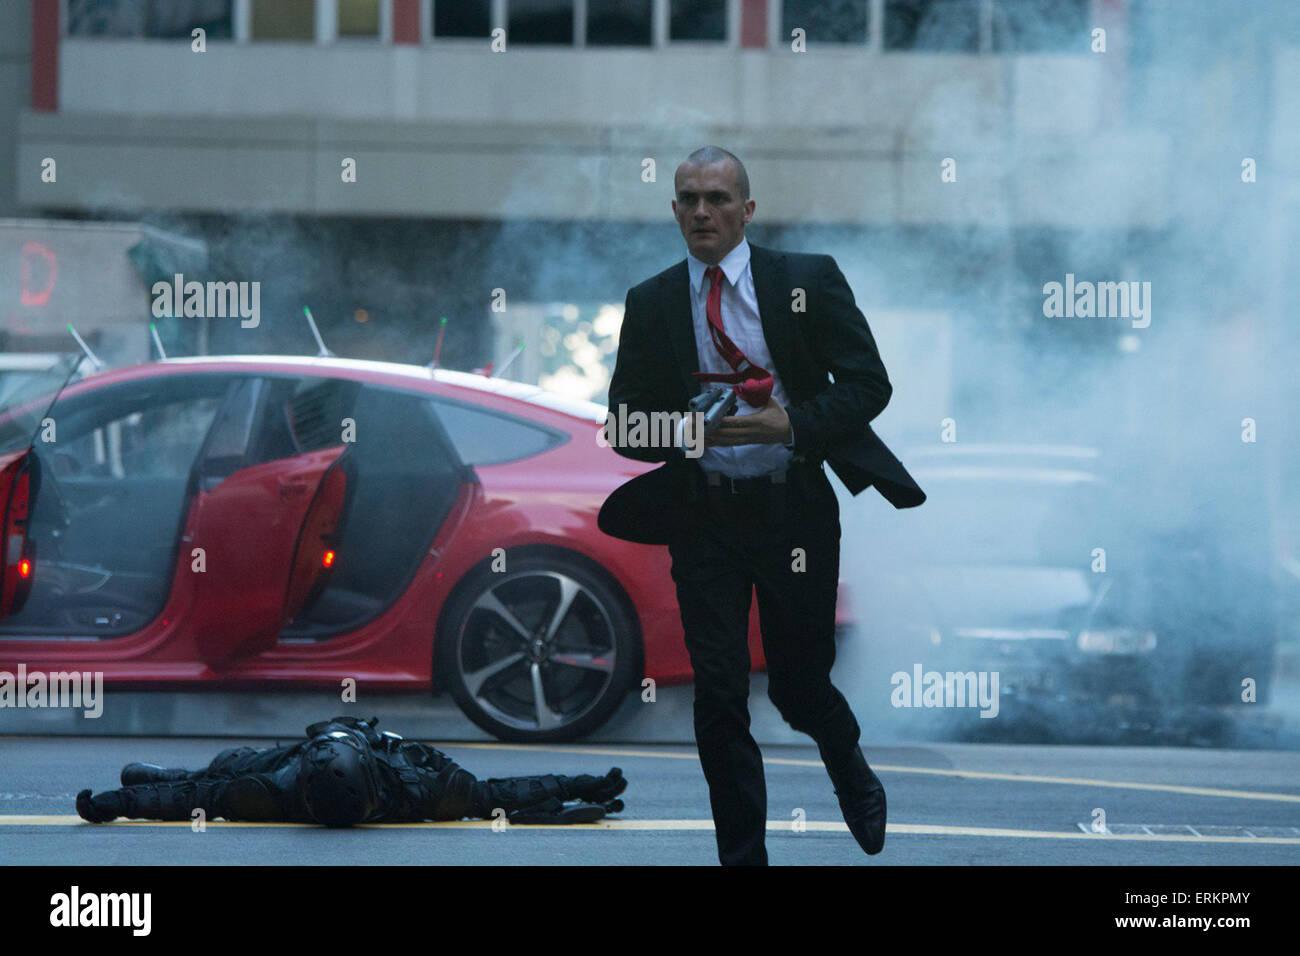 HITMAN: AGENT 47 (2015)  RUPERT FRIEND  ALEKSANDER BACH (DIR) - Stock Image